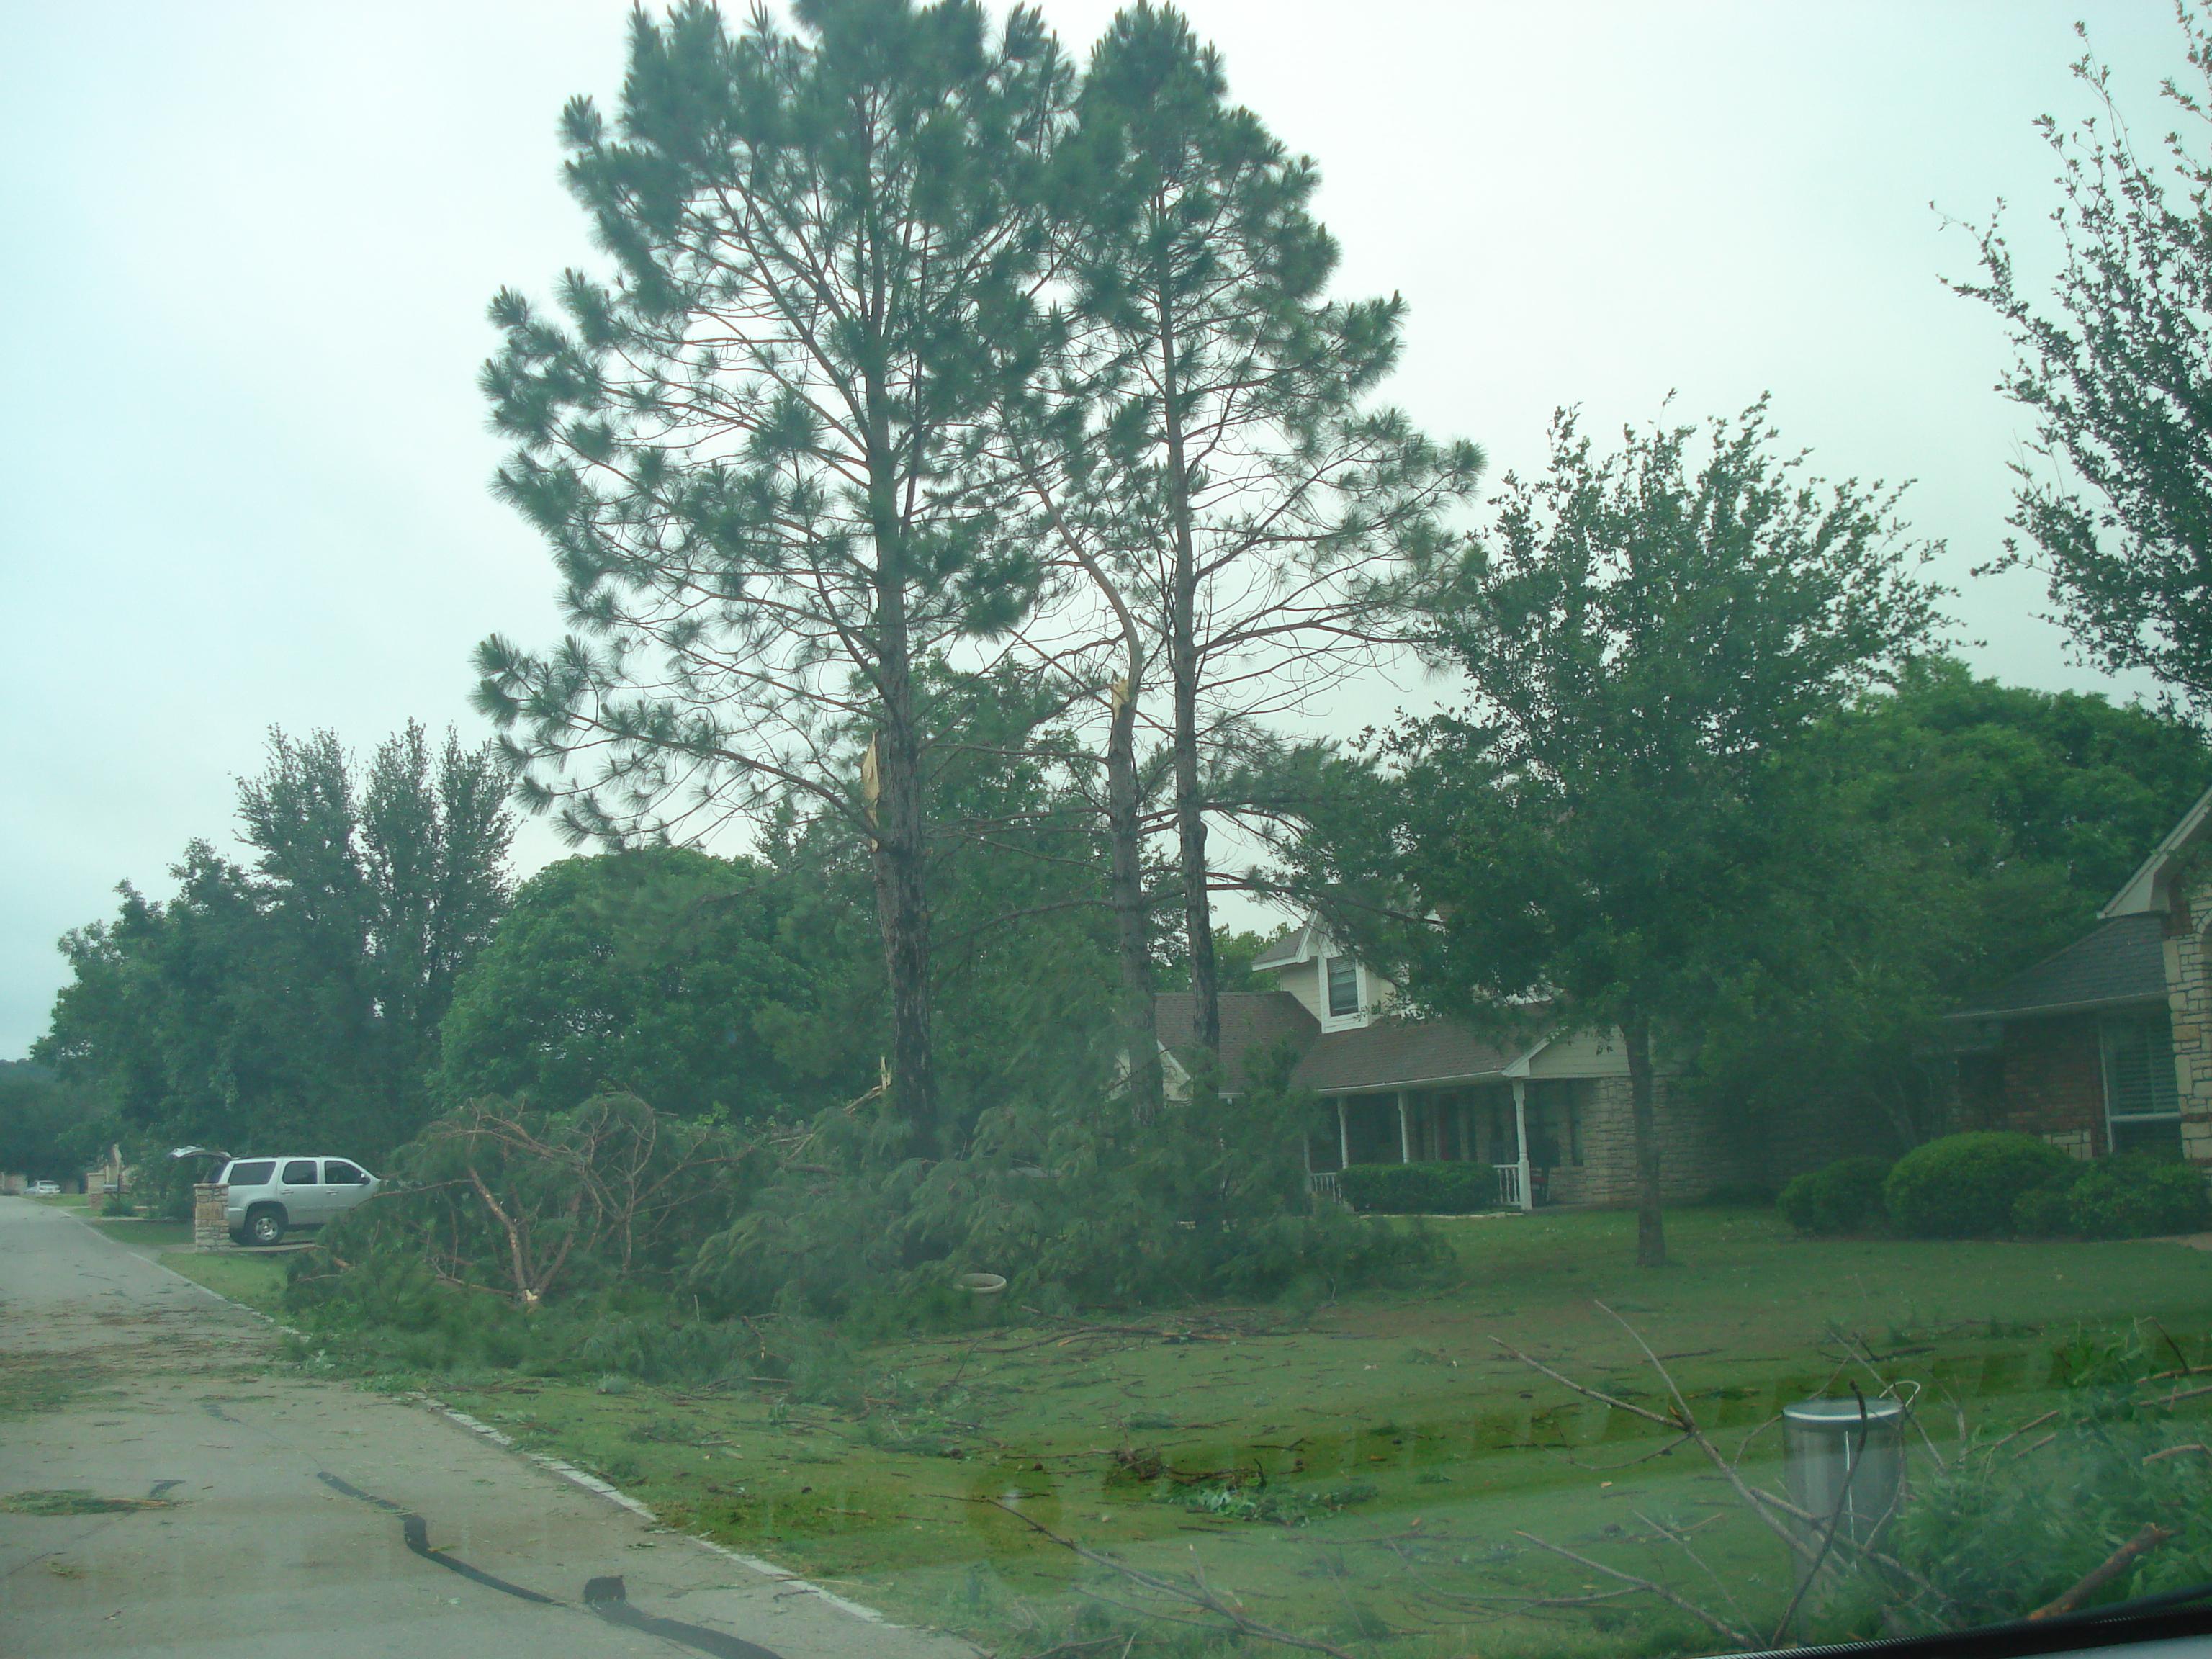 May 15 Tornado Damage Pictures 2013 Pecan Plantation Vfd